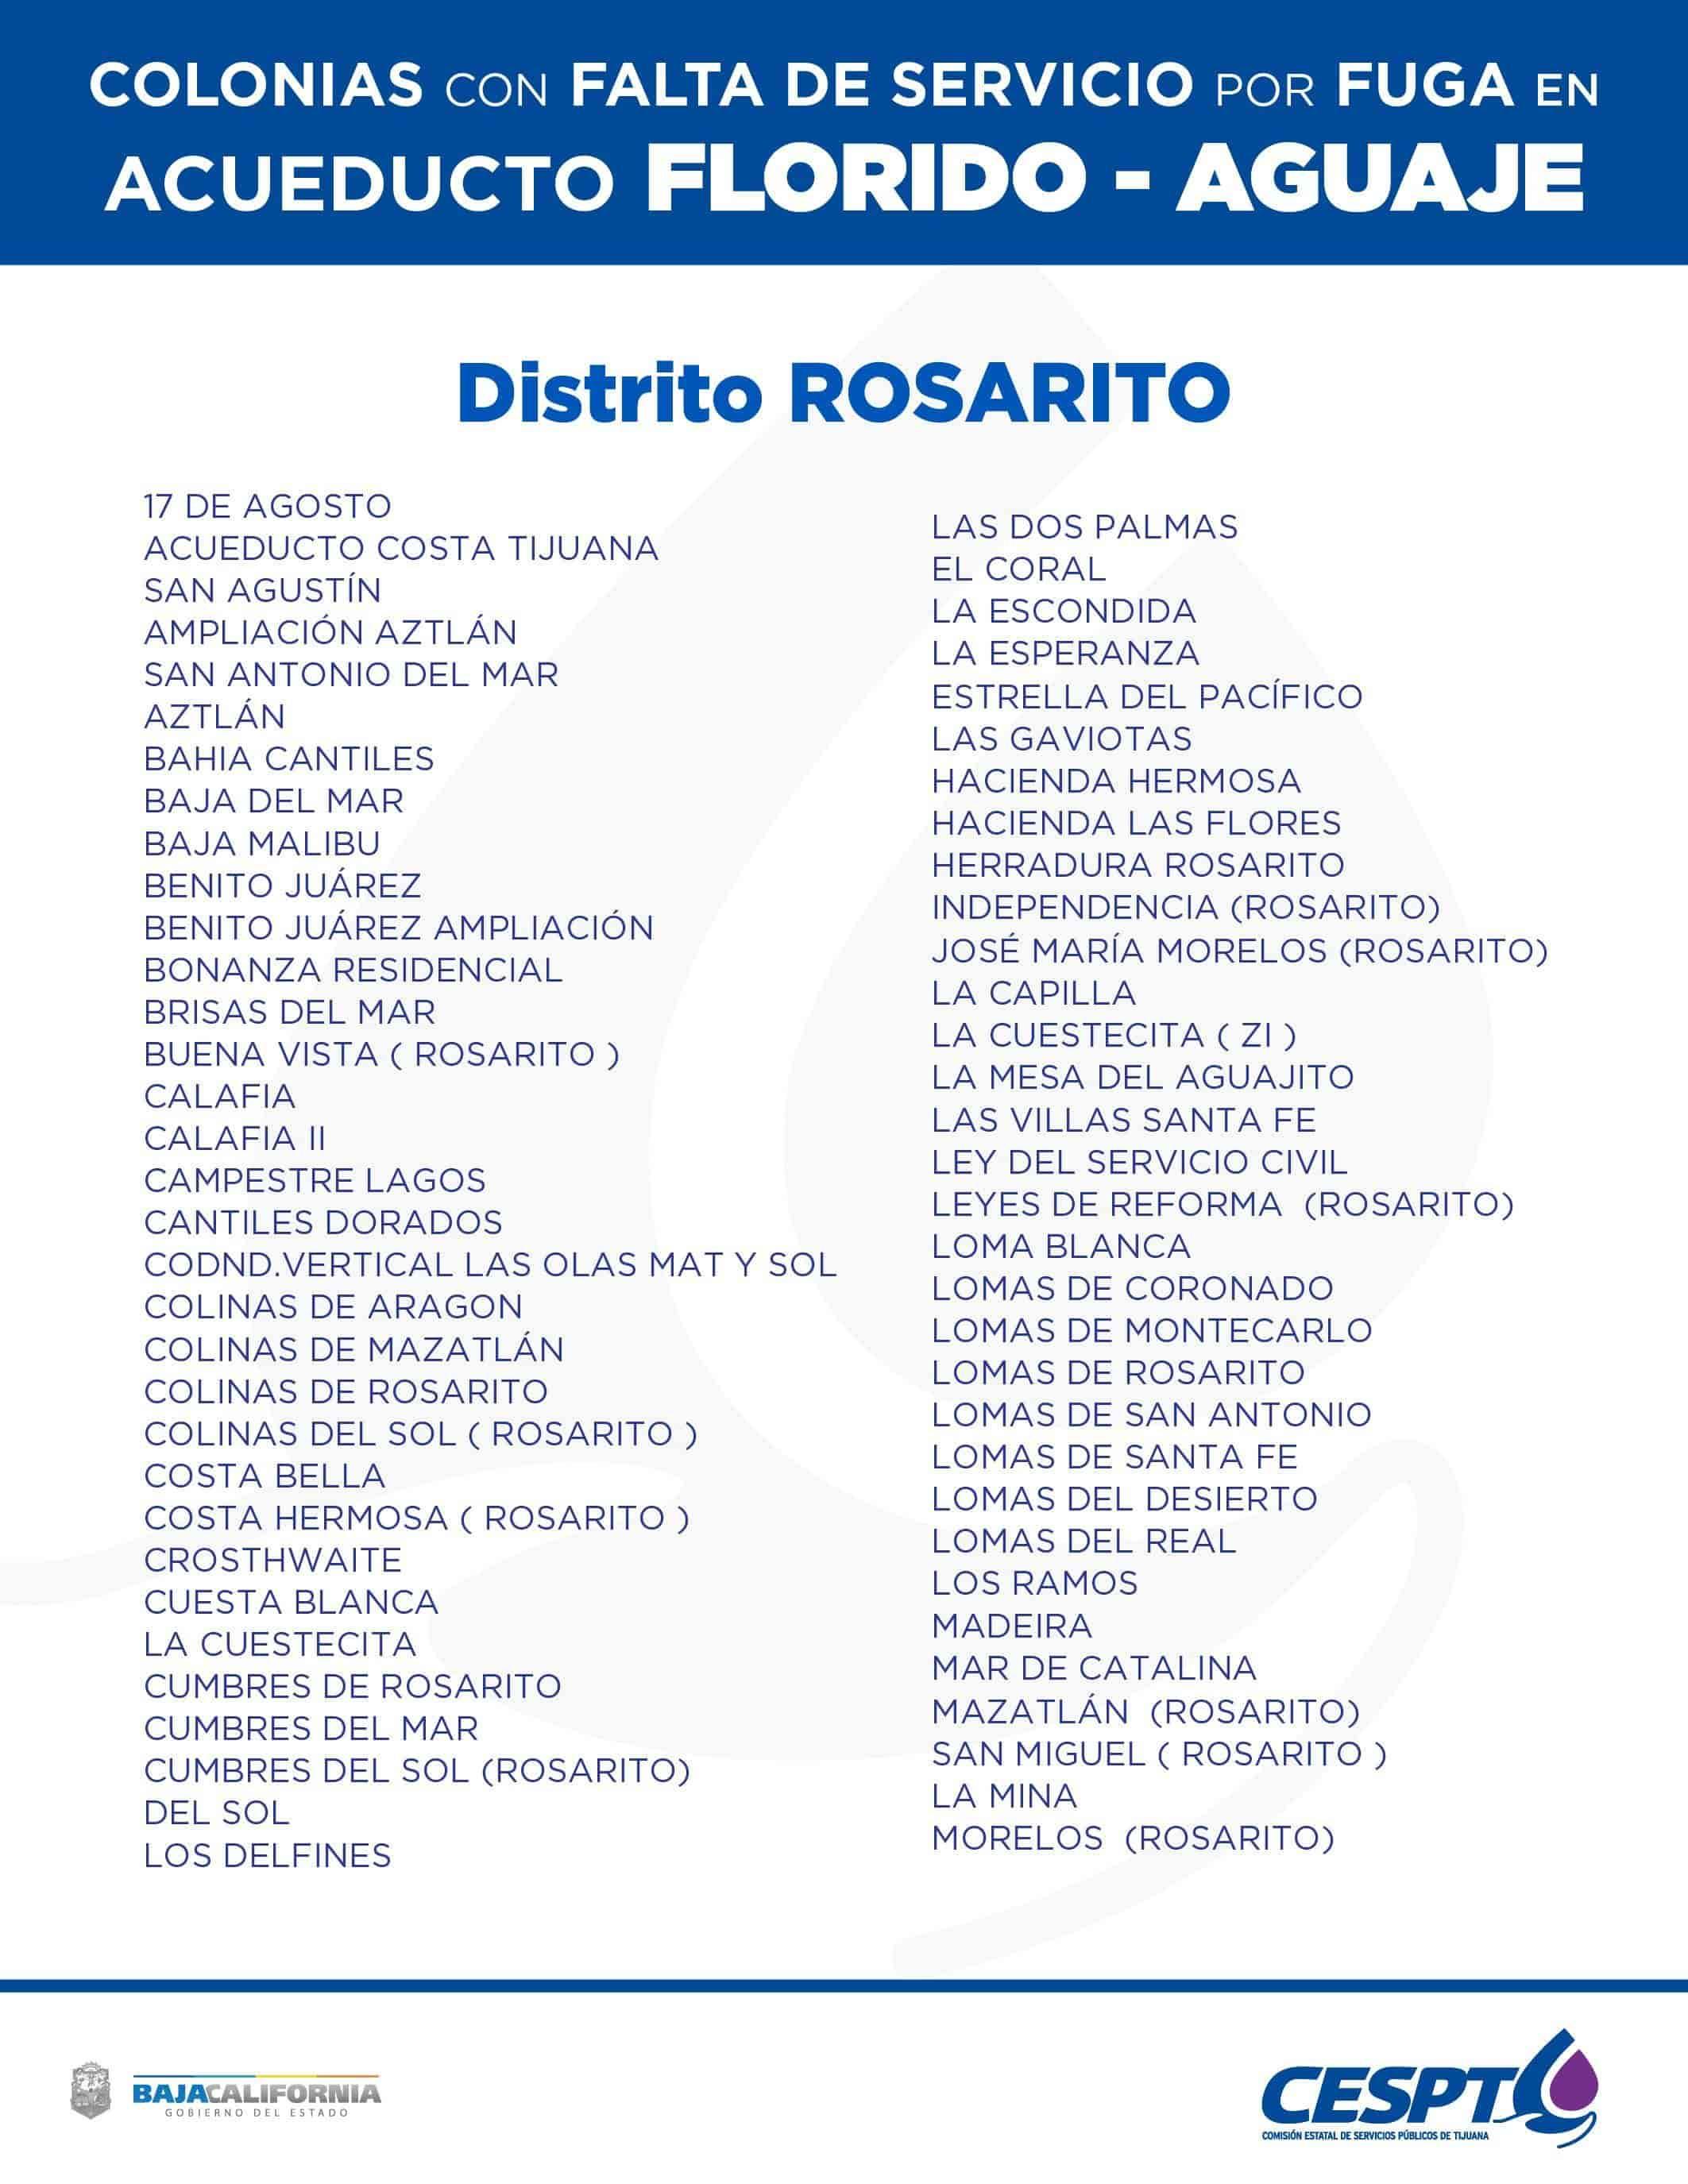 Cespt suspenderá agua a 623 colonias de Tijuana y Rosarito